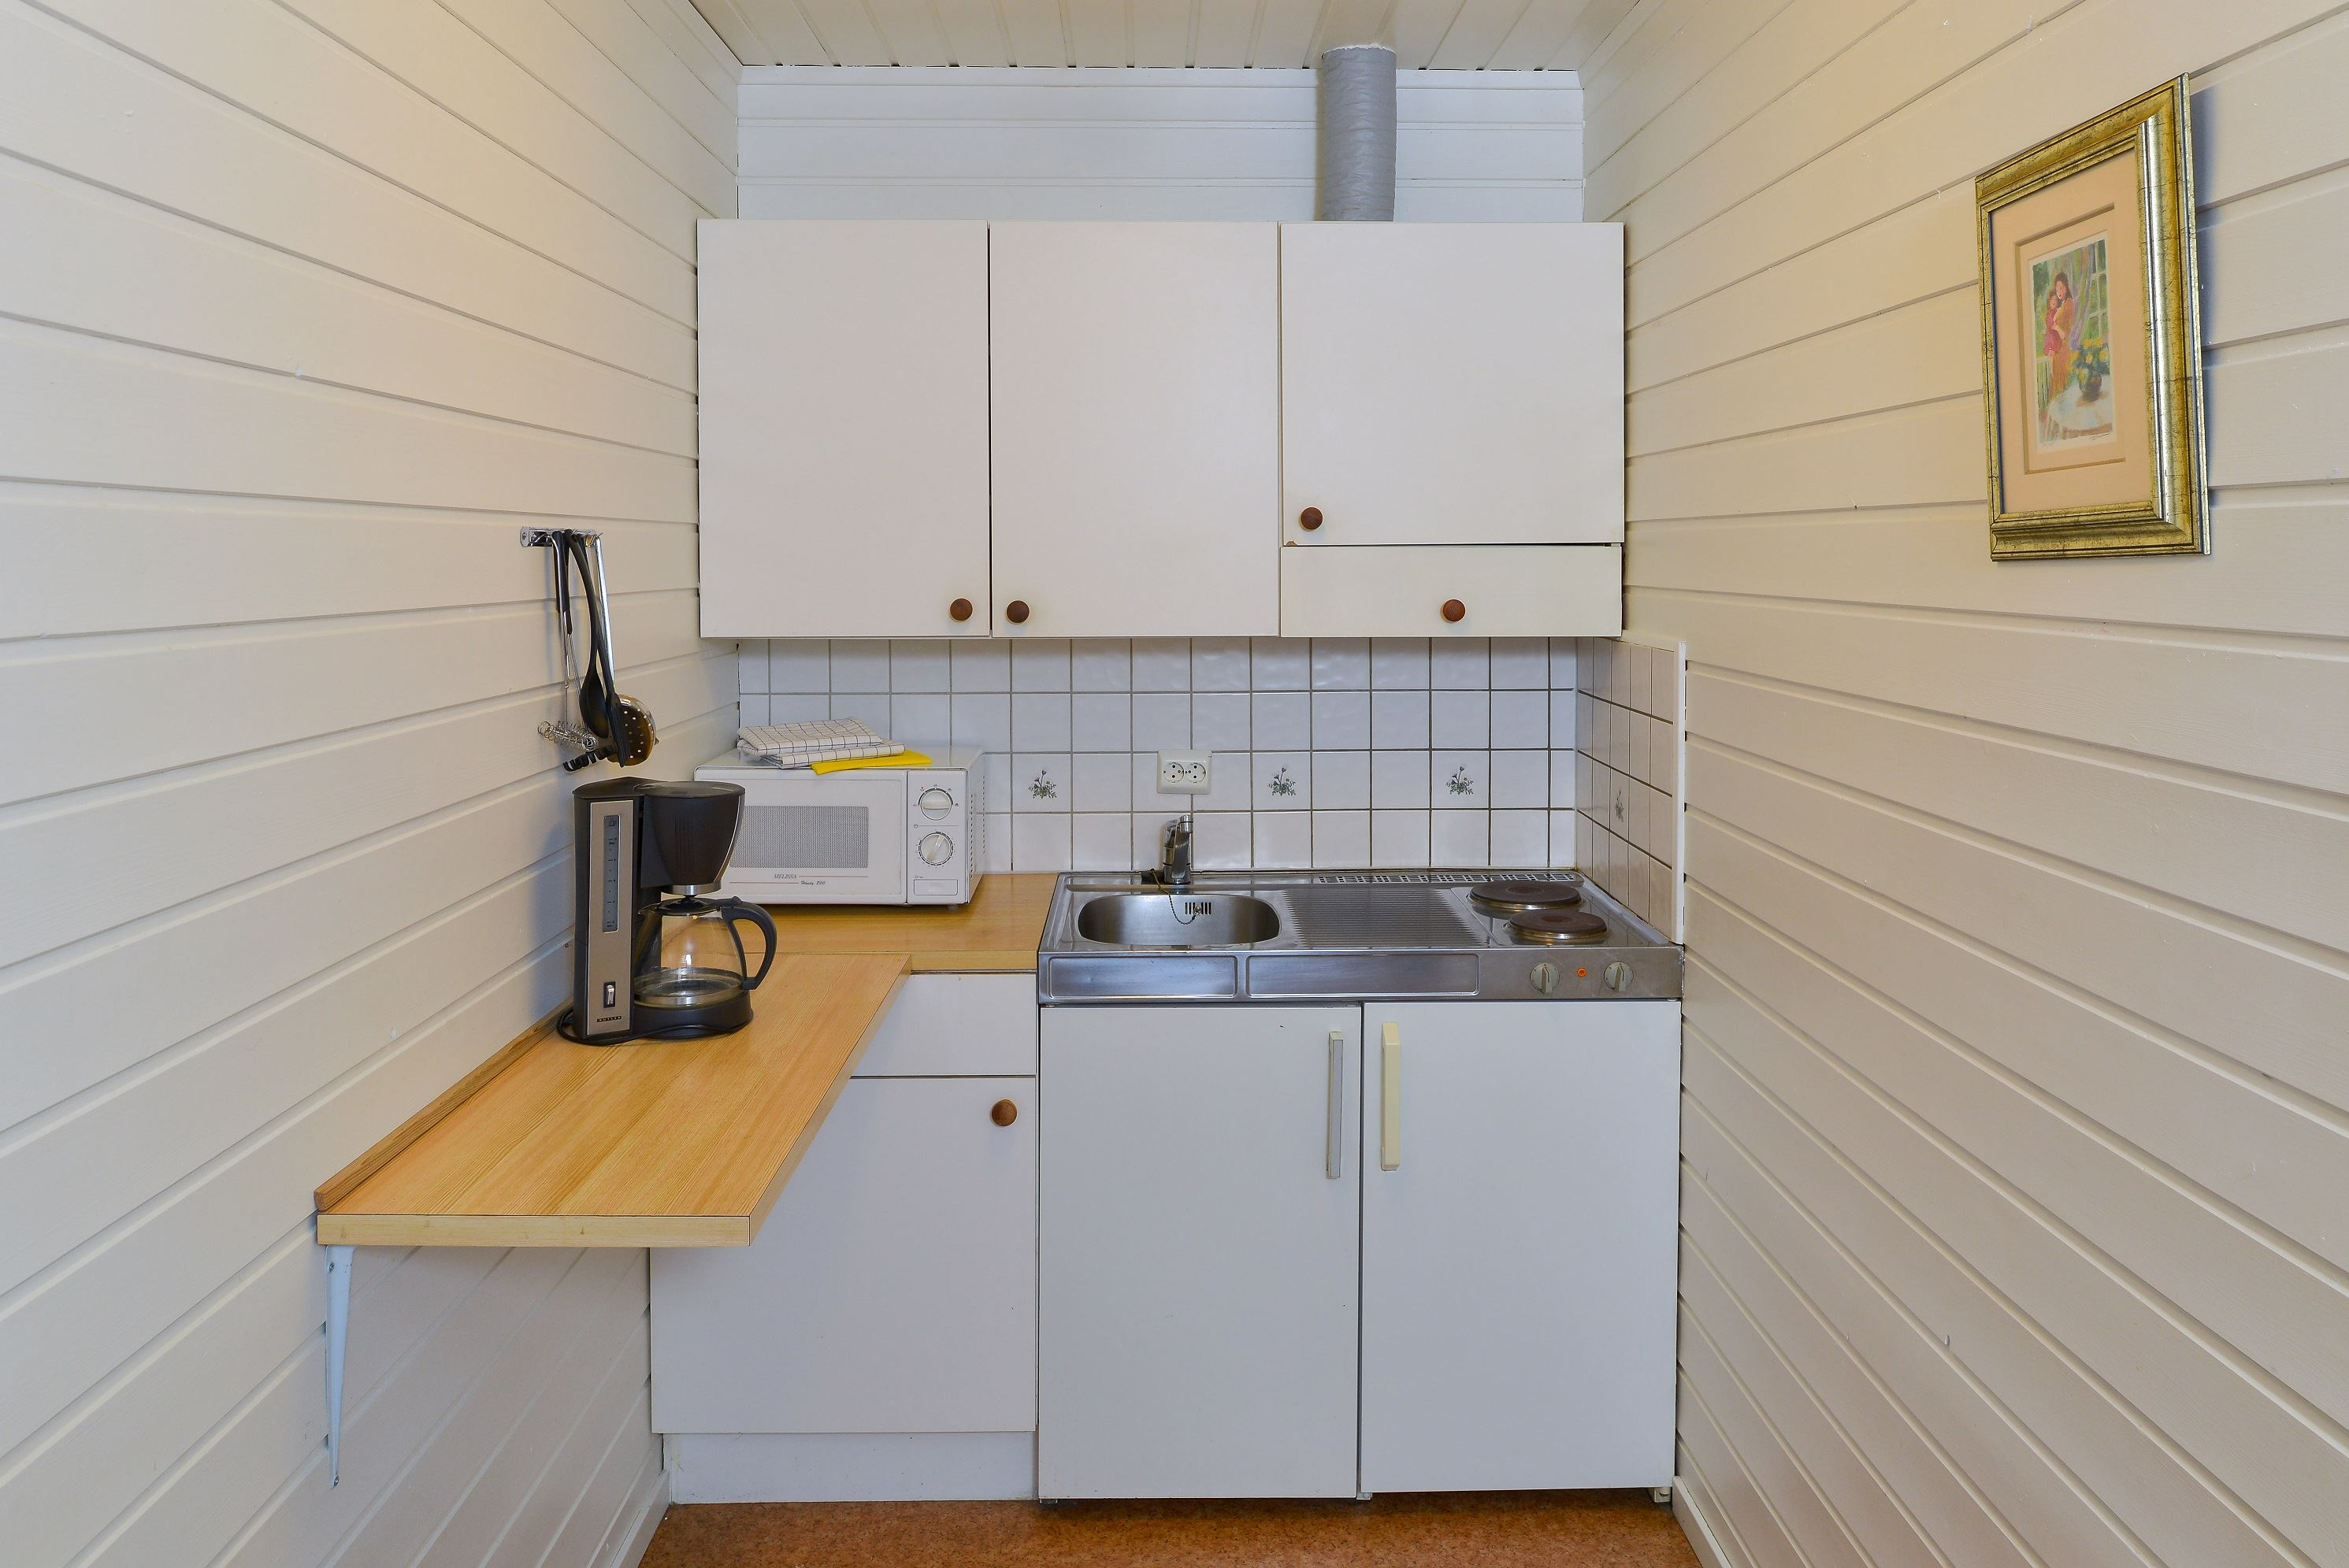 © Andøy Hotell og Restaurantdrift AS, Lankanholmen Sjøhus